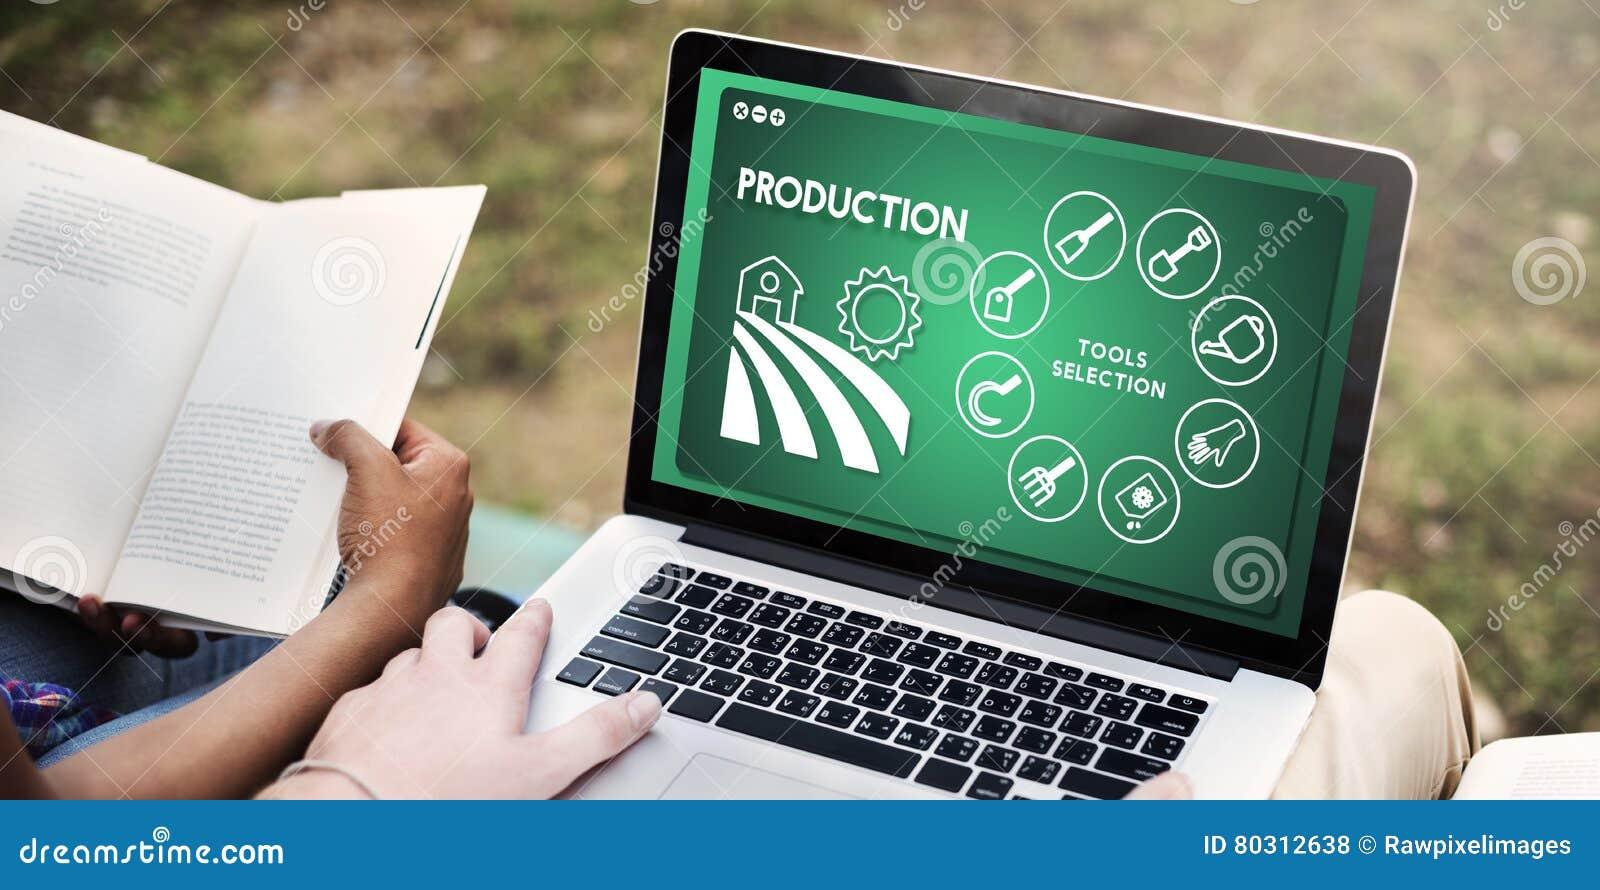 Landwirtschafts-Ernte-Agronomie-Bearbeitungs-Produktions-Konzept